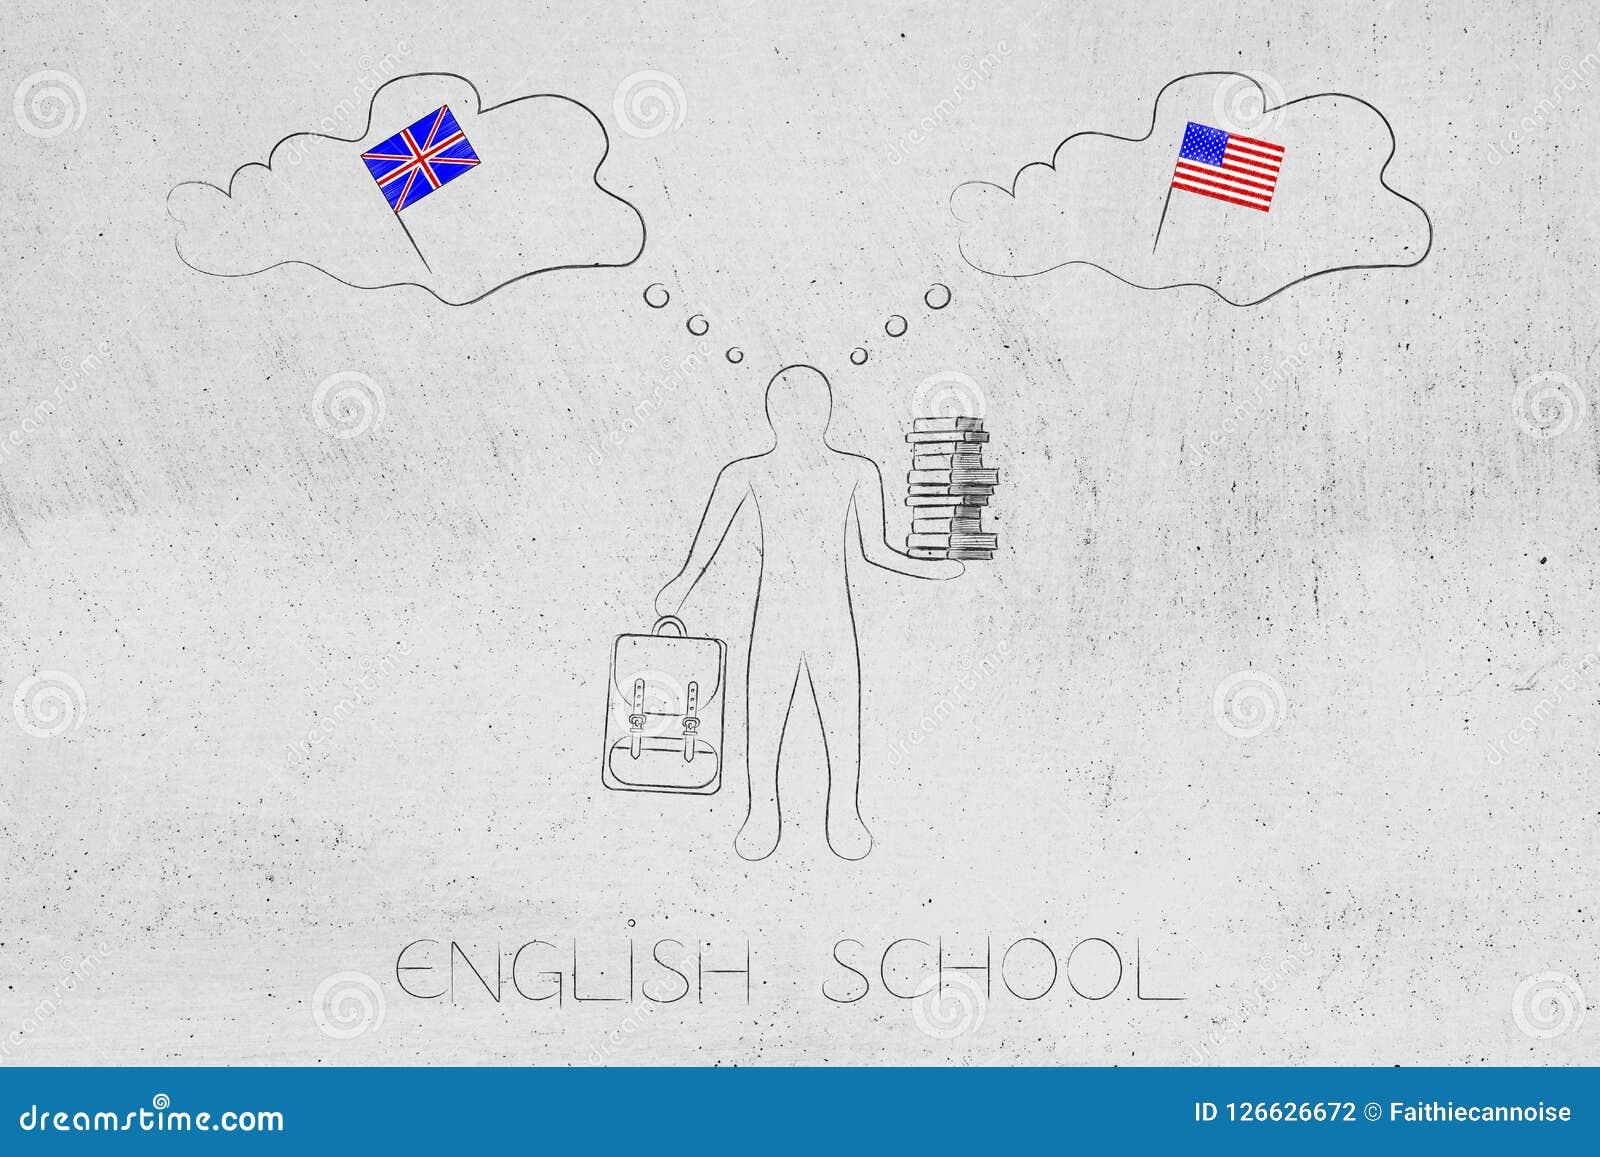 Pensó en inglés